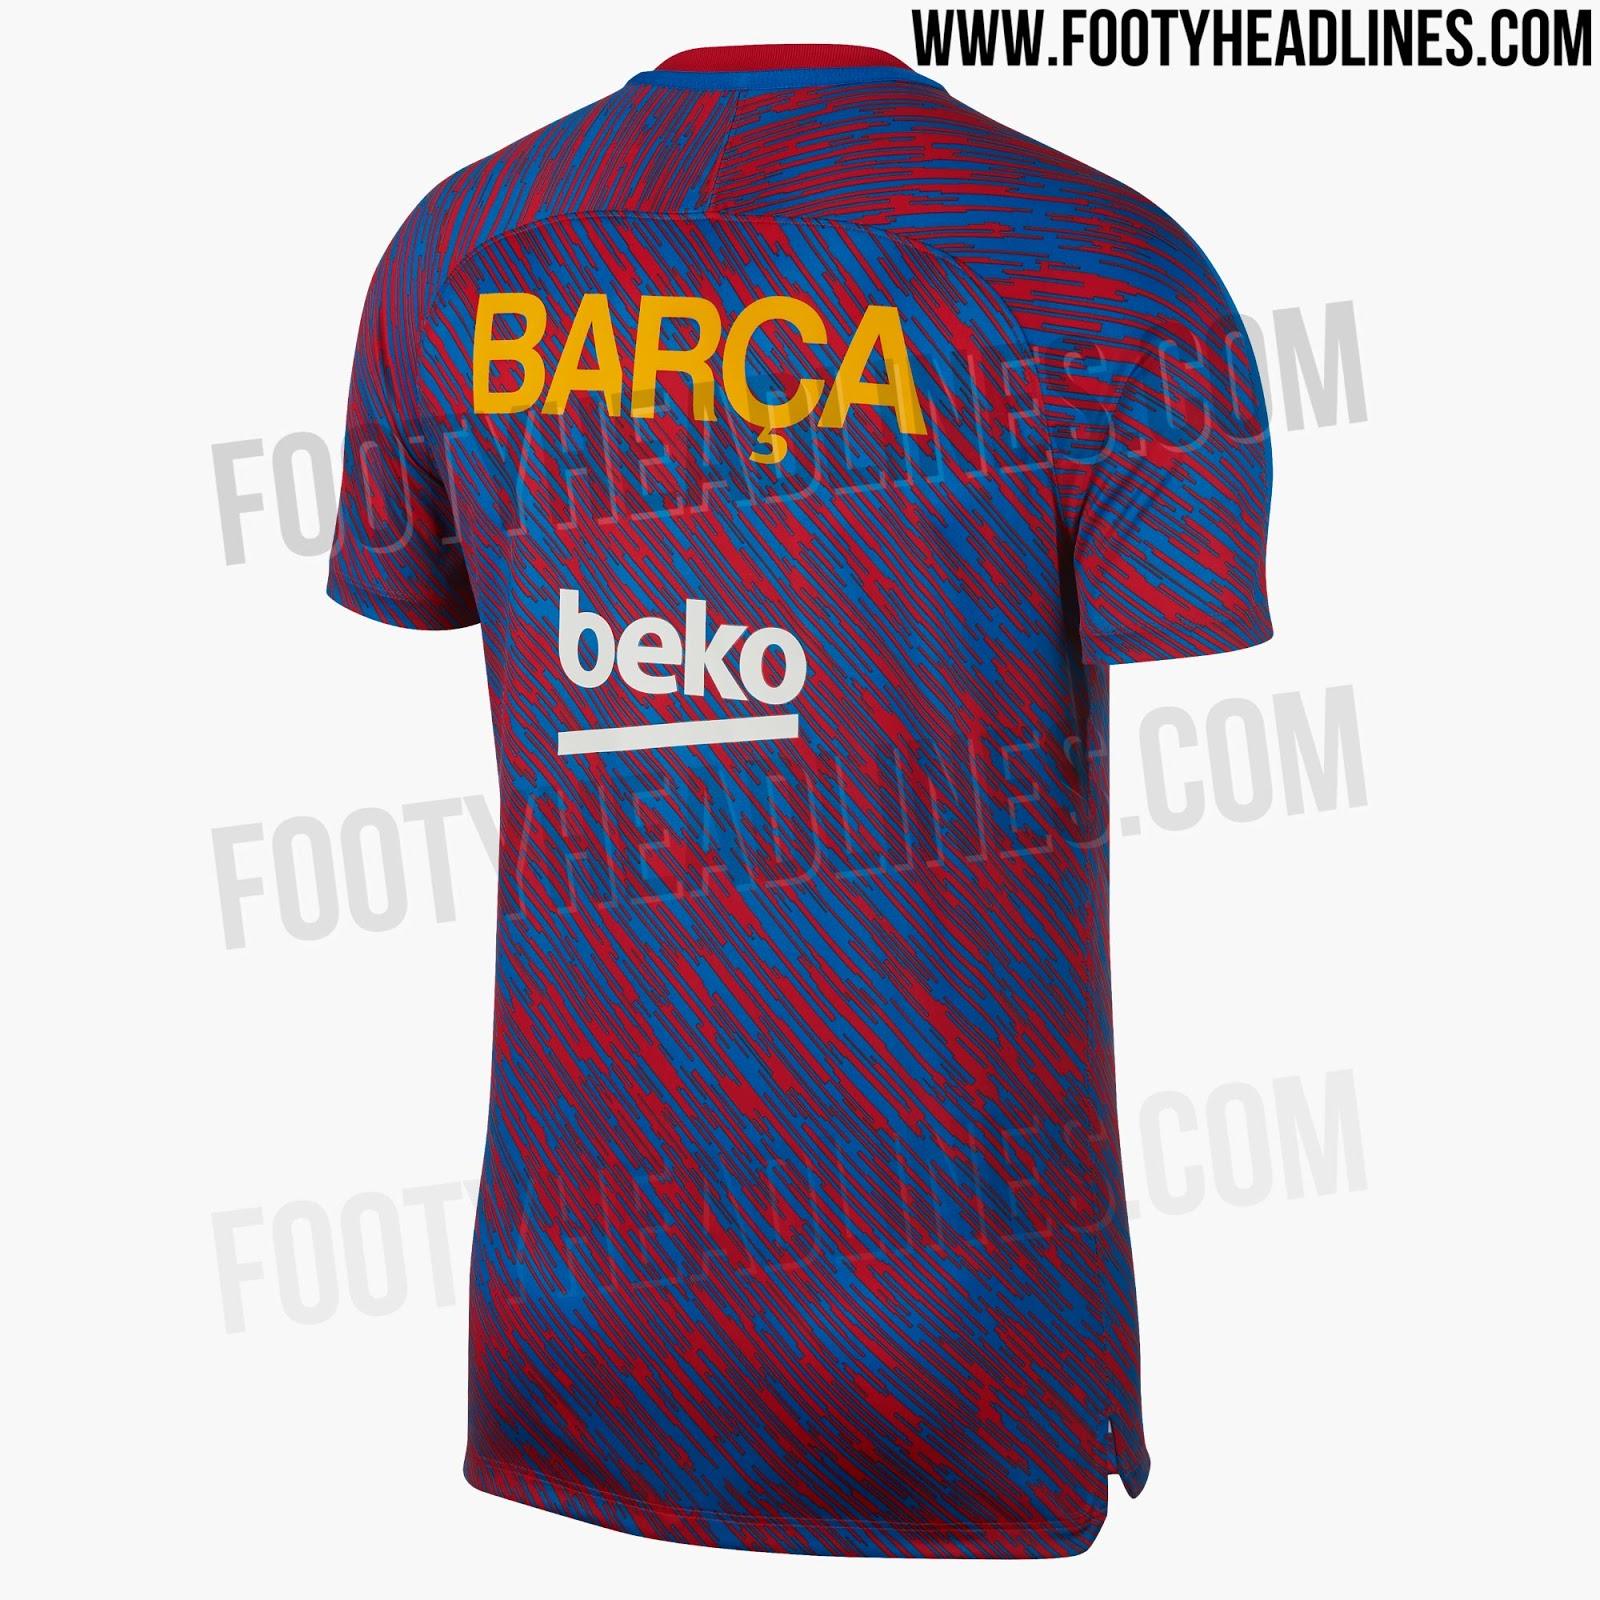 https://3.bp.blogspot.com/-KdeKMhaKSls/Wj9IP2rq9qI/AAAAAAABa3E/YB3roIgL9kU9PKdPQRvkzJS3VMhQG7YcwCLcBGAs/s1600/nike-fc-barcelona-2018-pre-match-shirt%2B%25283%2529.jpg